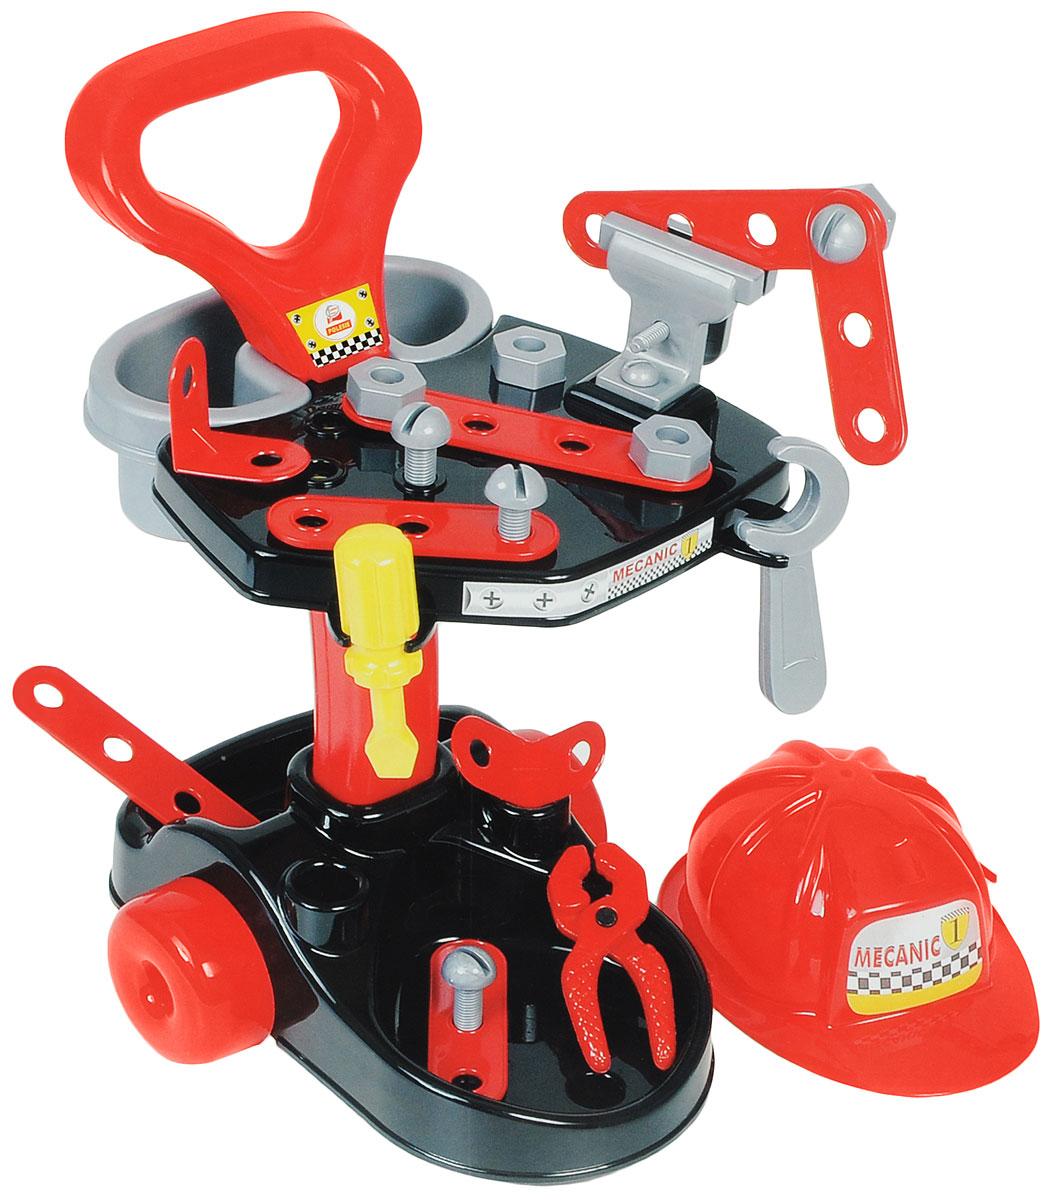 Полесье Игровой набор Механик 36612, цвет в ассортименте fit 36612